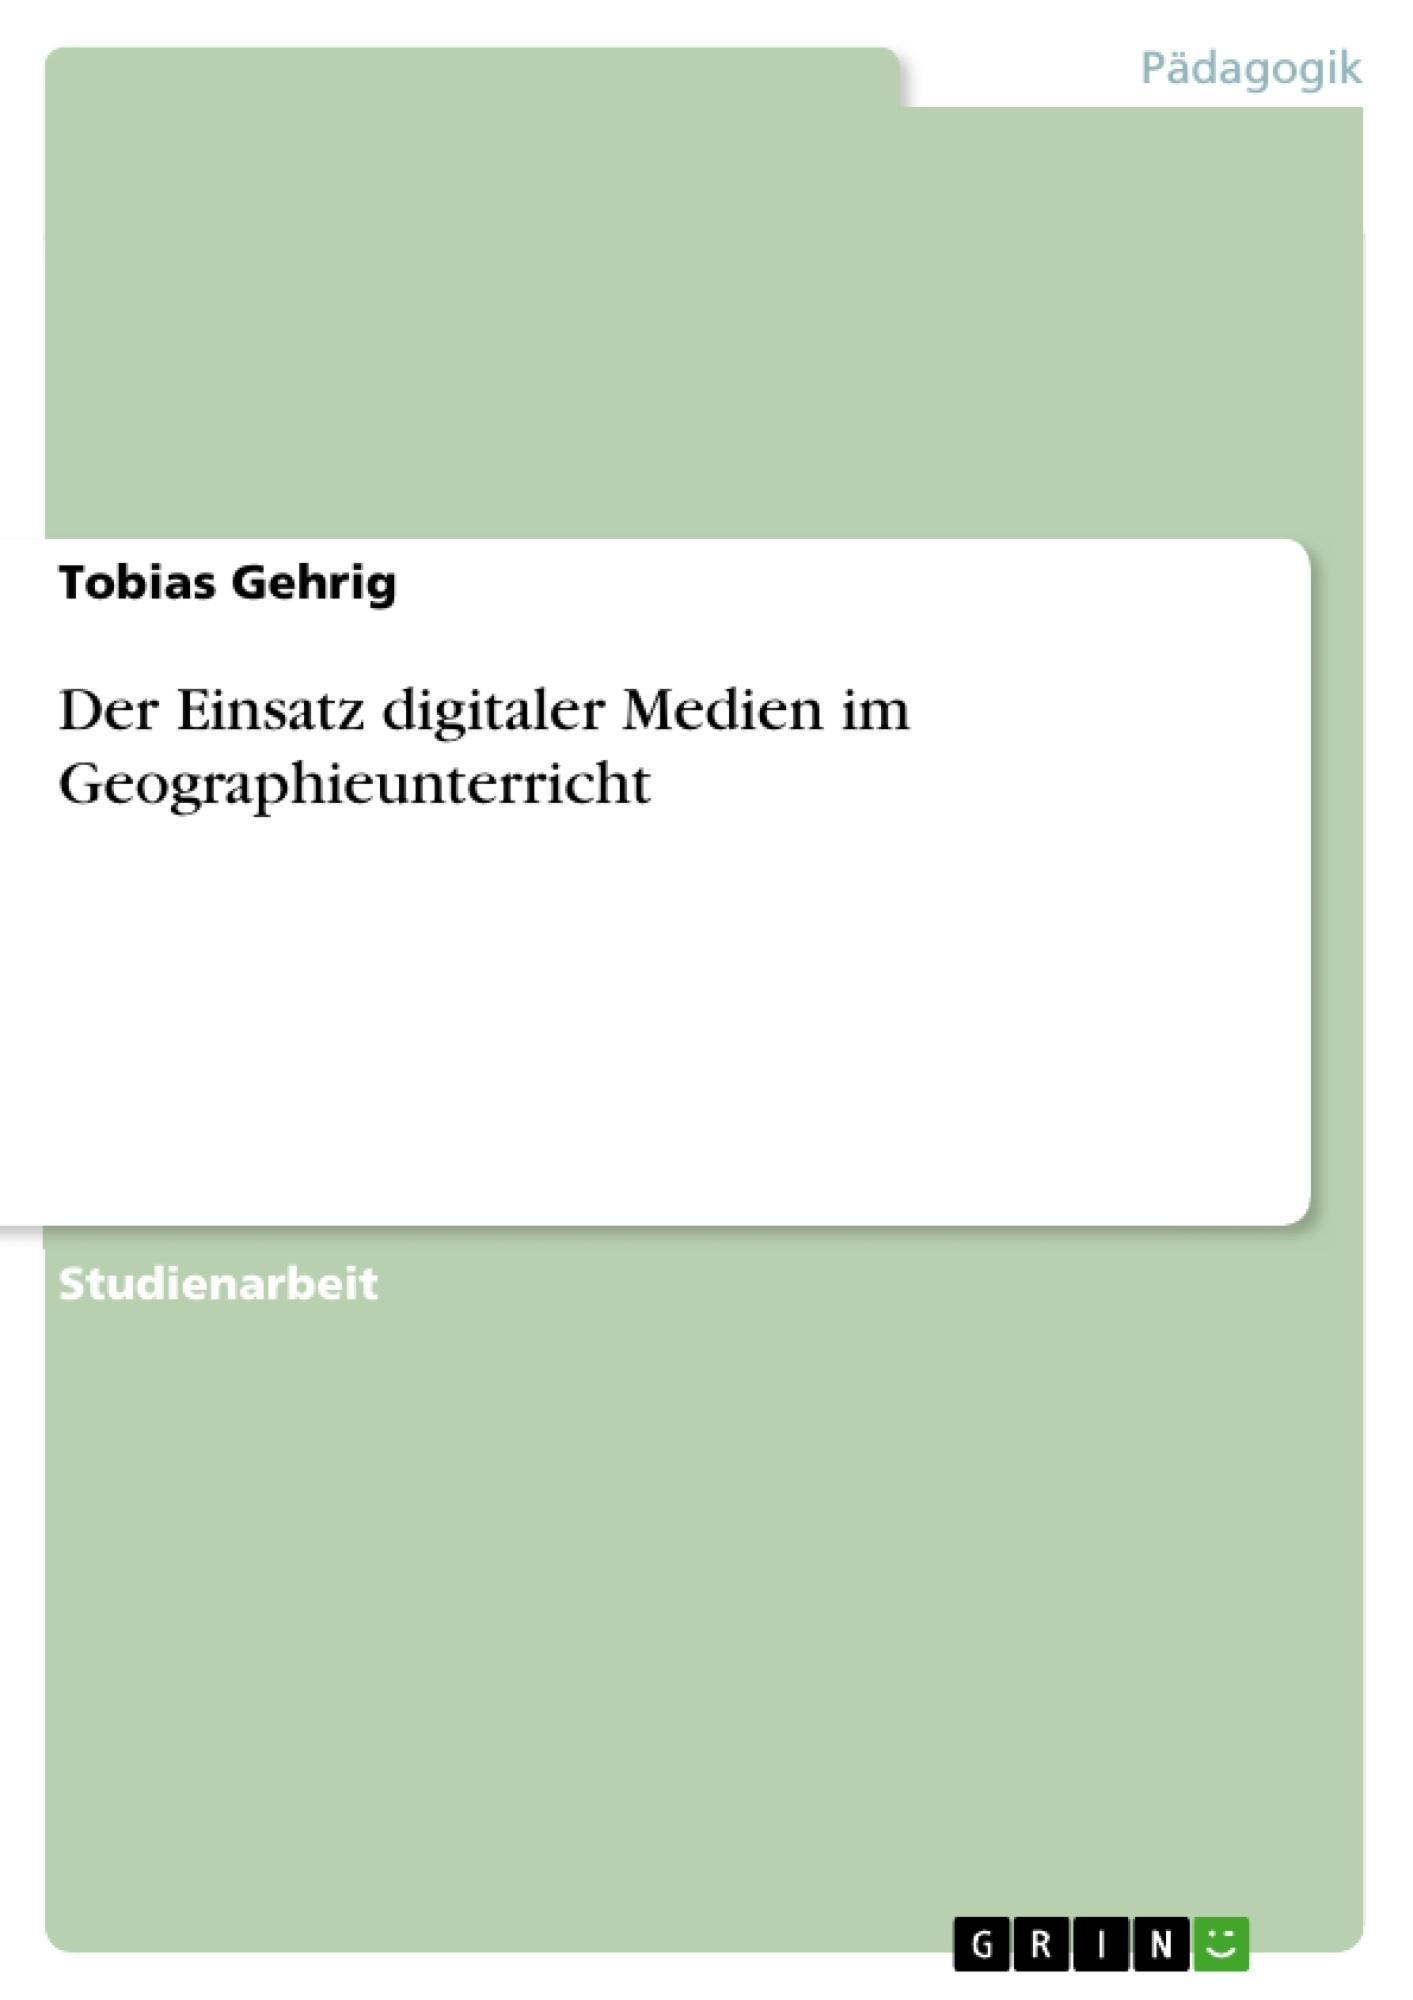 Titel: Der Einsatz digitaler Medien im Geographieunterricht